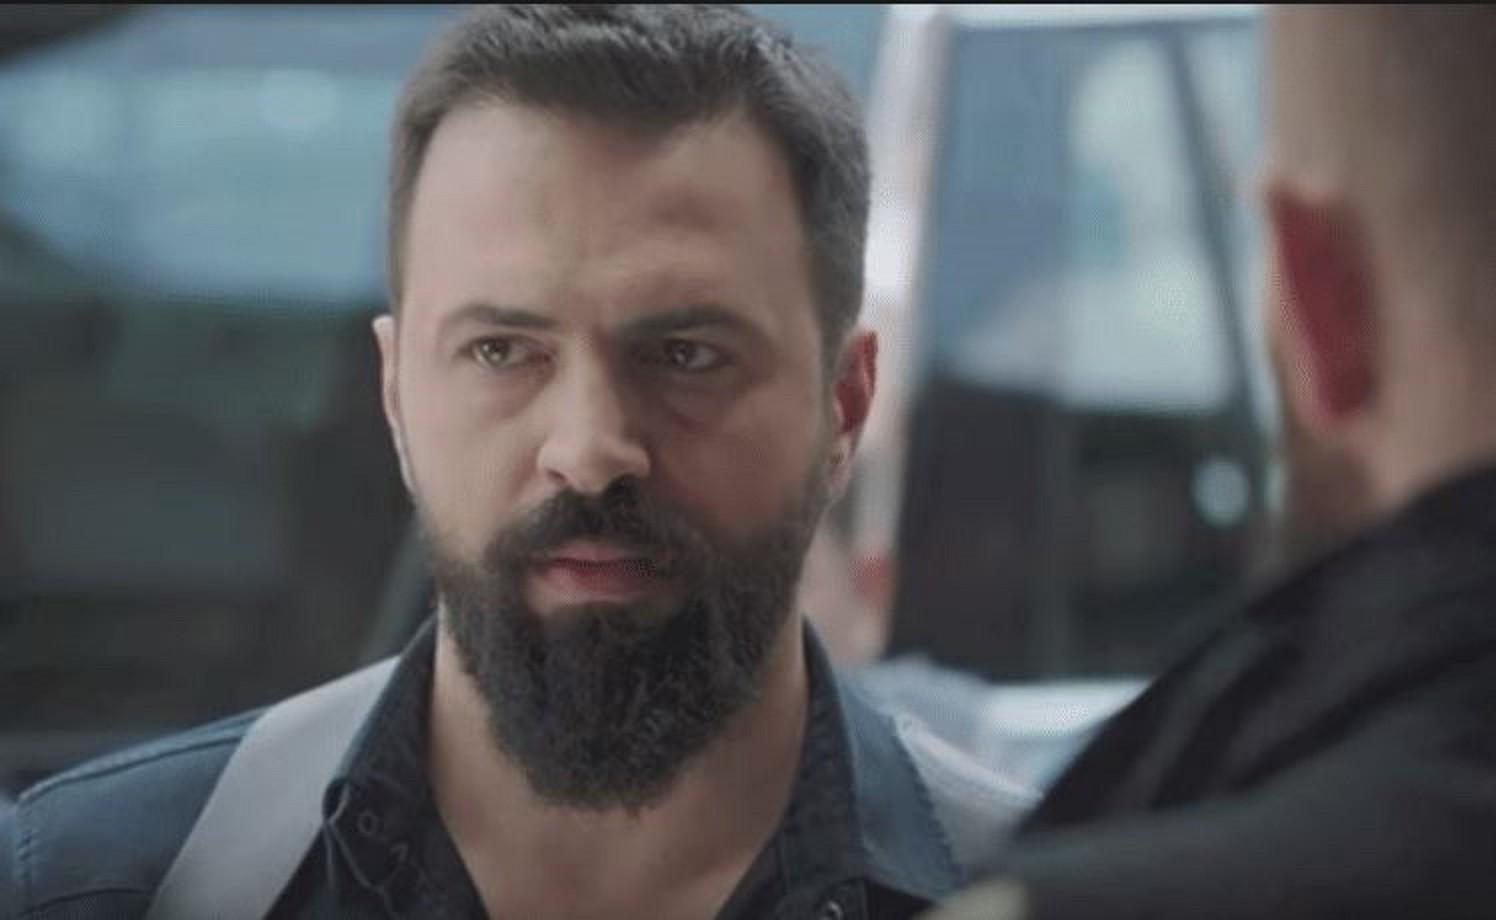 الشرطة تحاصر تيم حسن.. فهل يسلّم نفسه؟ - بالفيديو